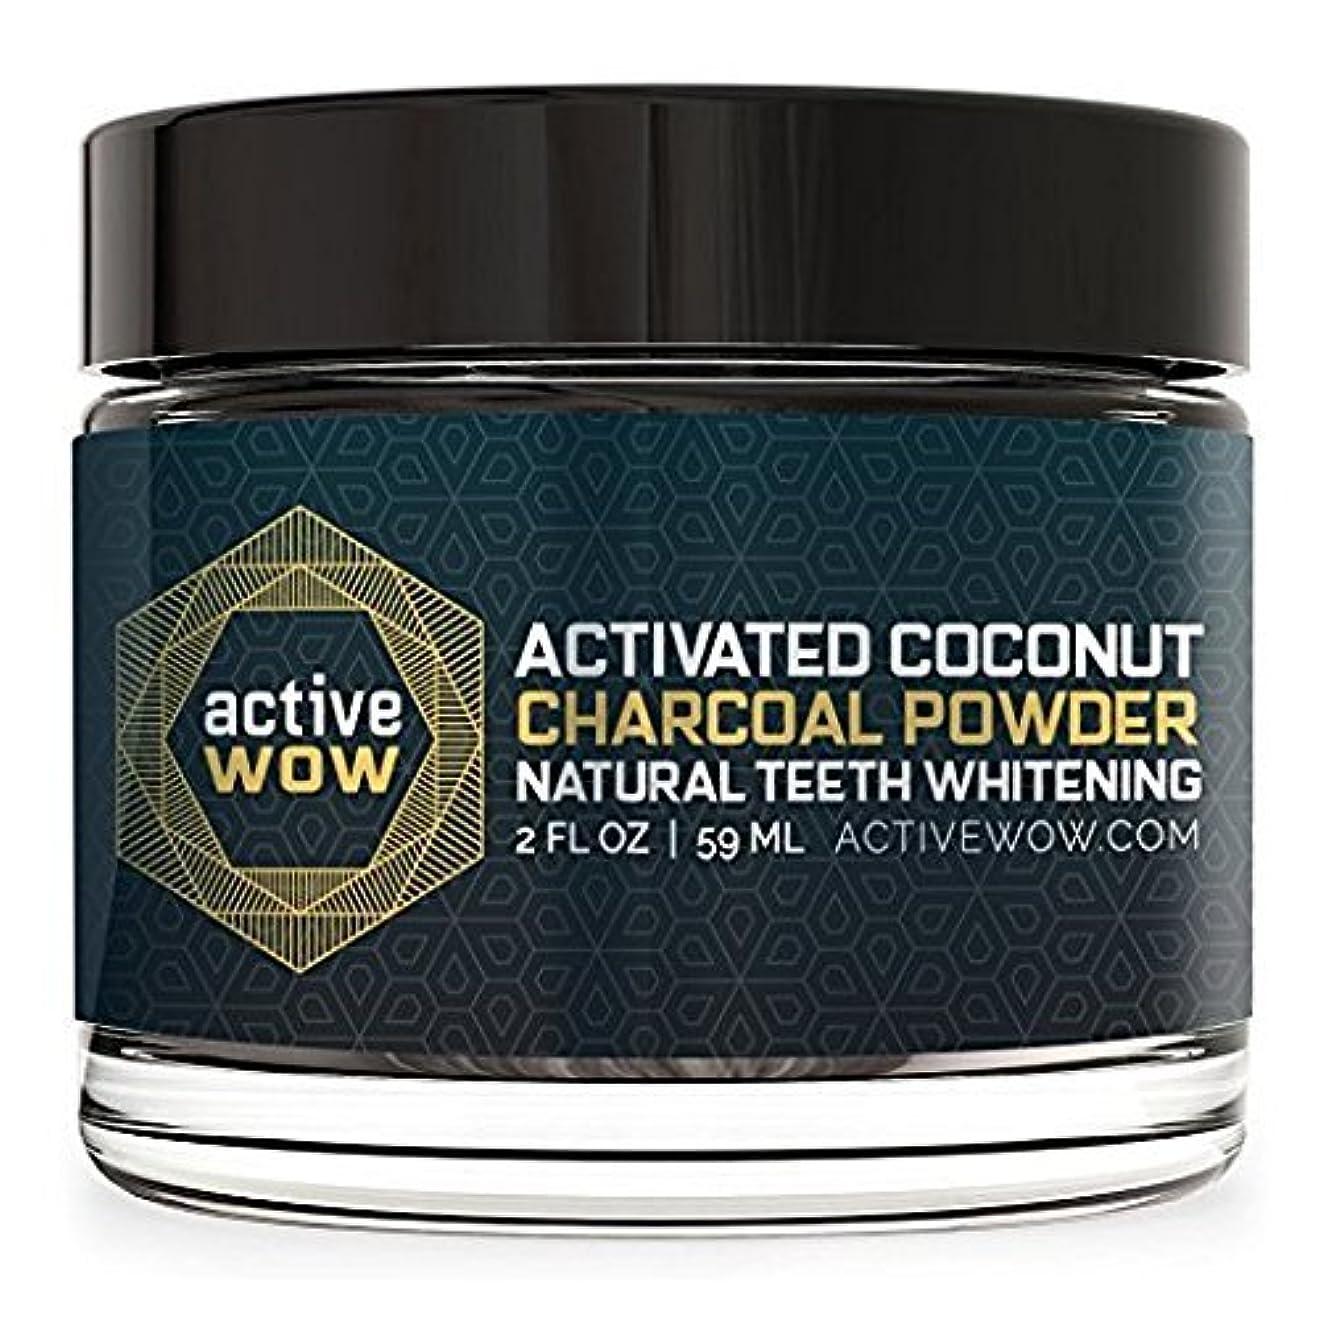 スキル猫背理容師アメリカで売れている 炭パウダー歯のホワイトニング Teeth Whitening Charcoal Powder Natural [並行輸入品]